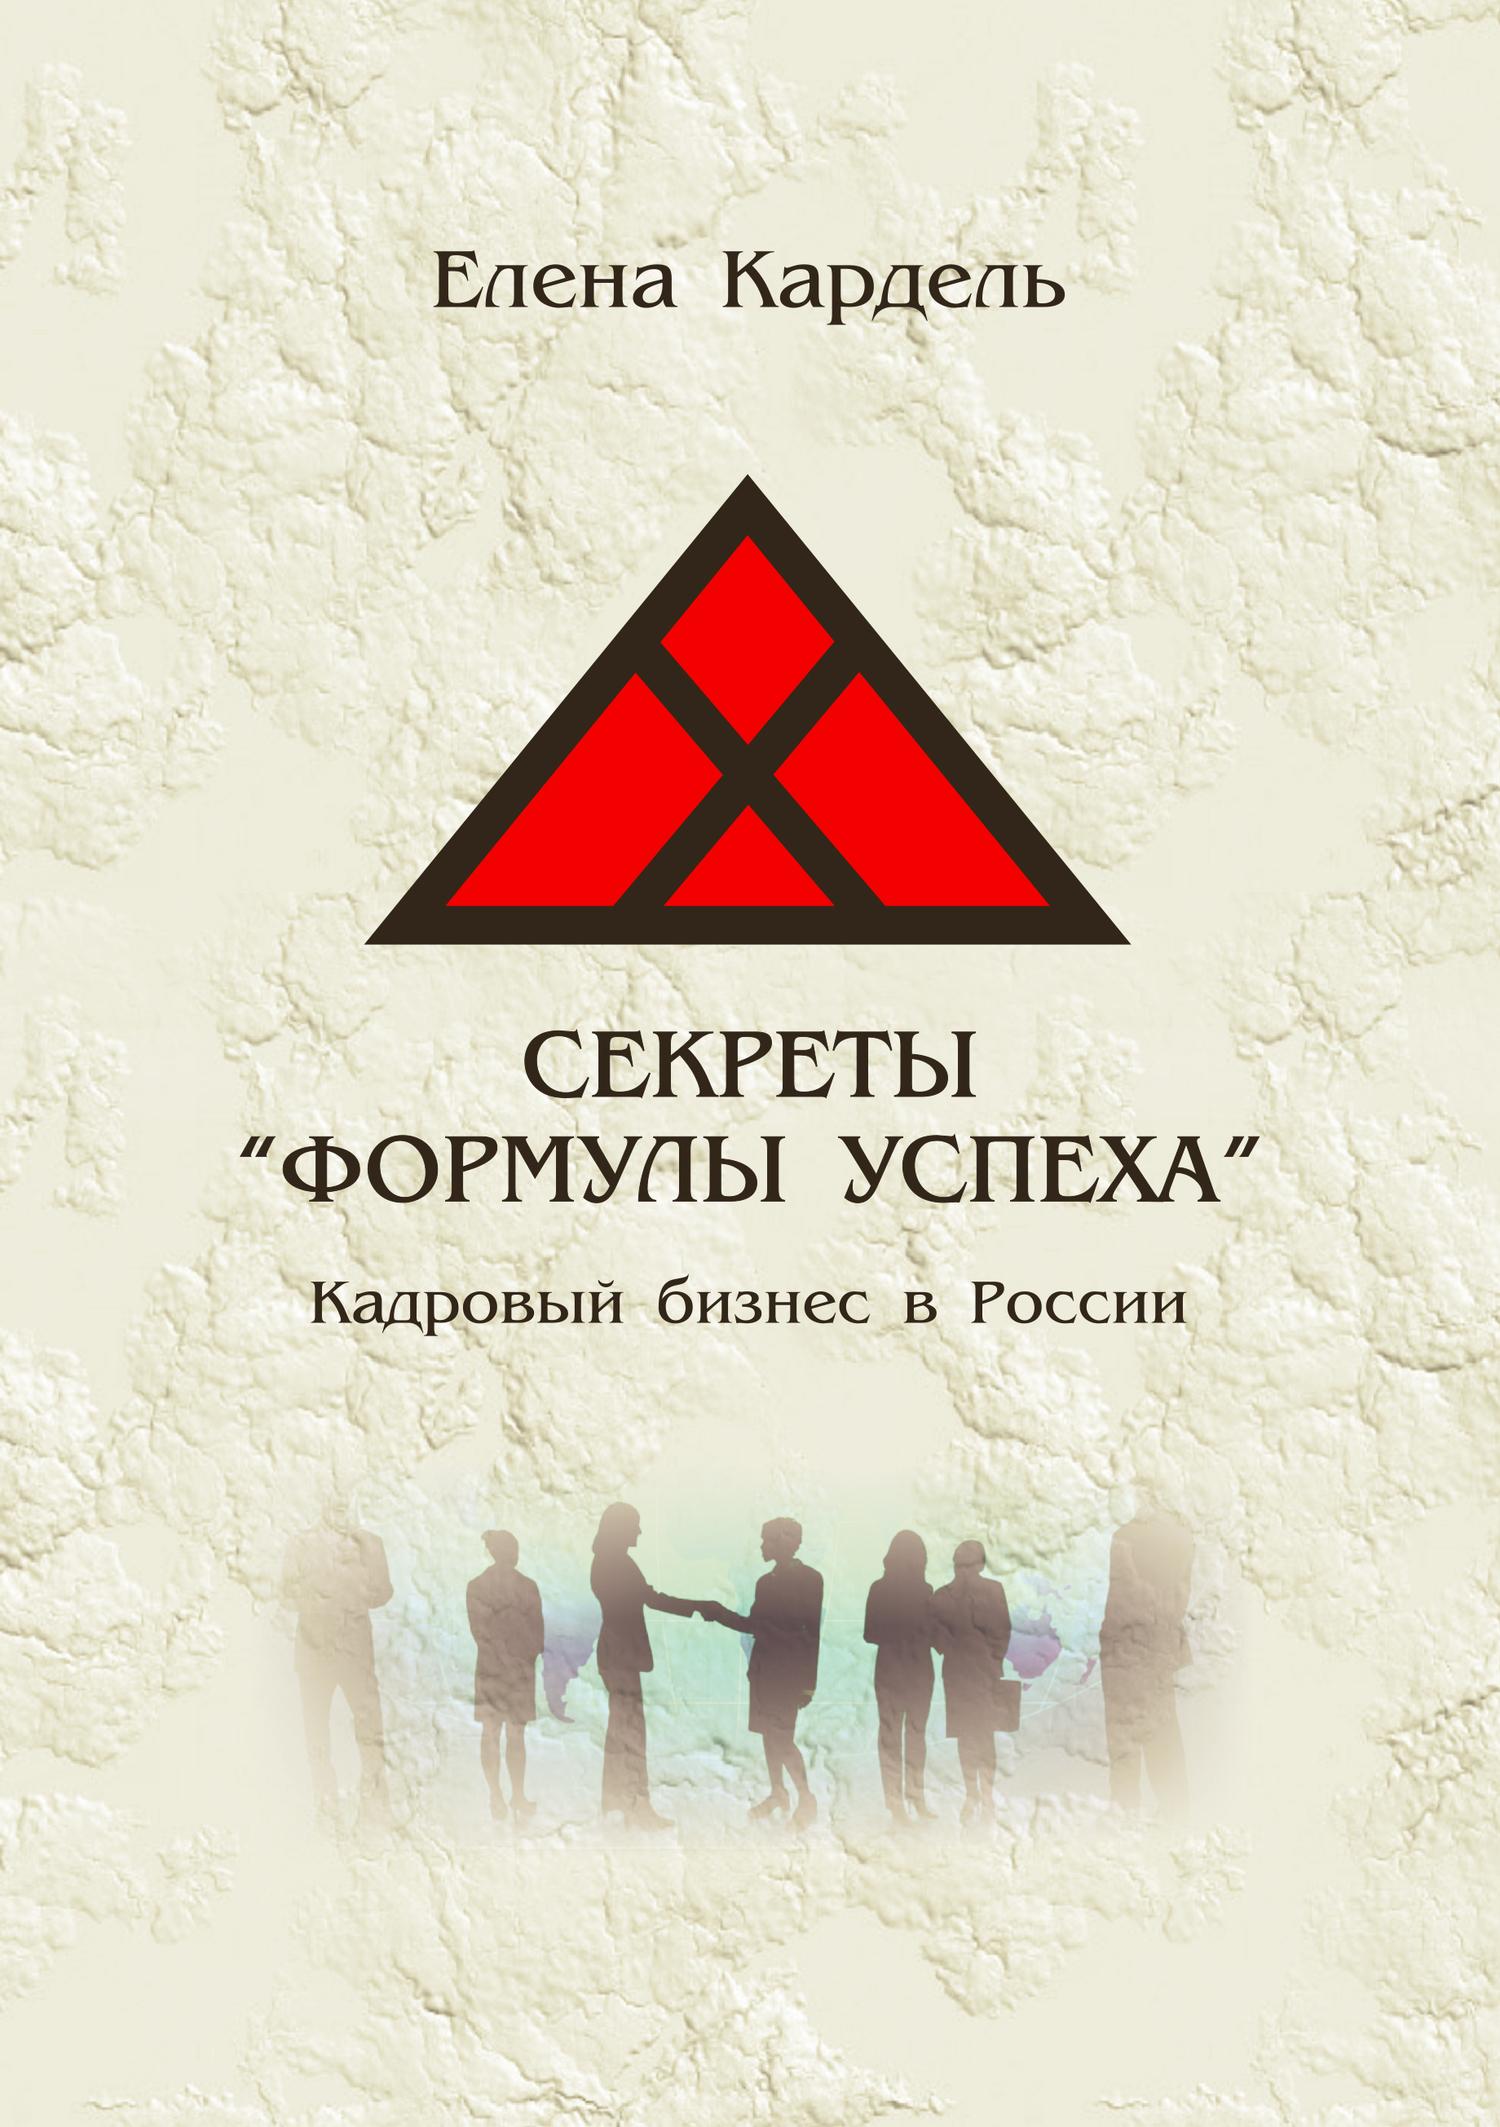 Обложка книги Секреты «Формулы успеха». Кадровый бизнес в России